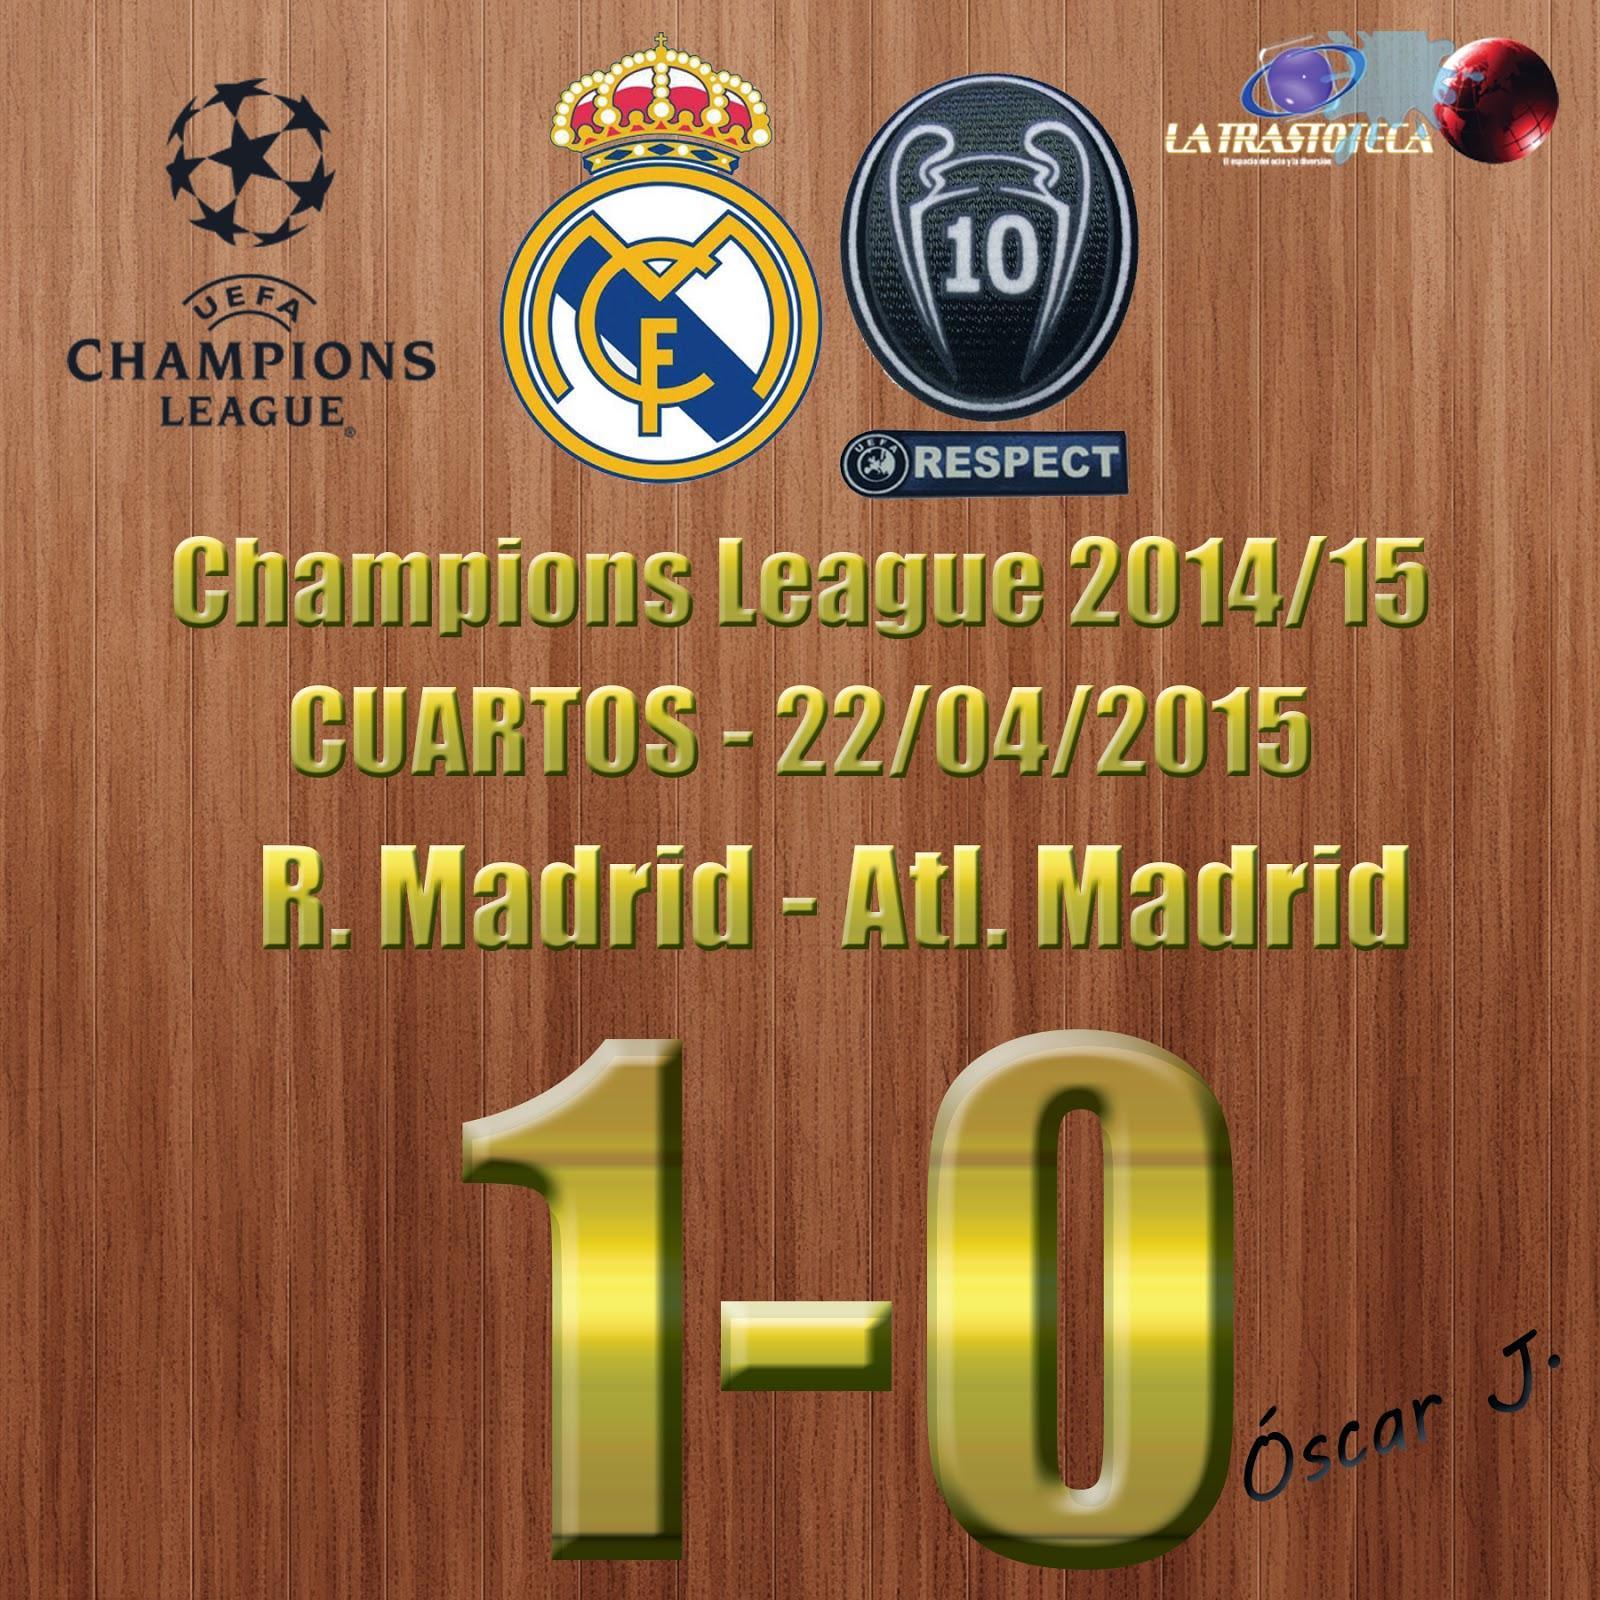 Real Madrid 1-0 Atlético de Madrid - Champions League 2014/15 - Cuartos - (22/4/2014) - REAL MADRID CLASIFICADO.